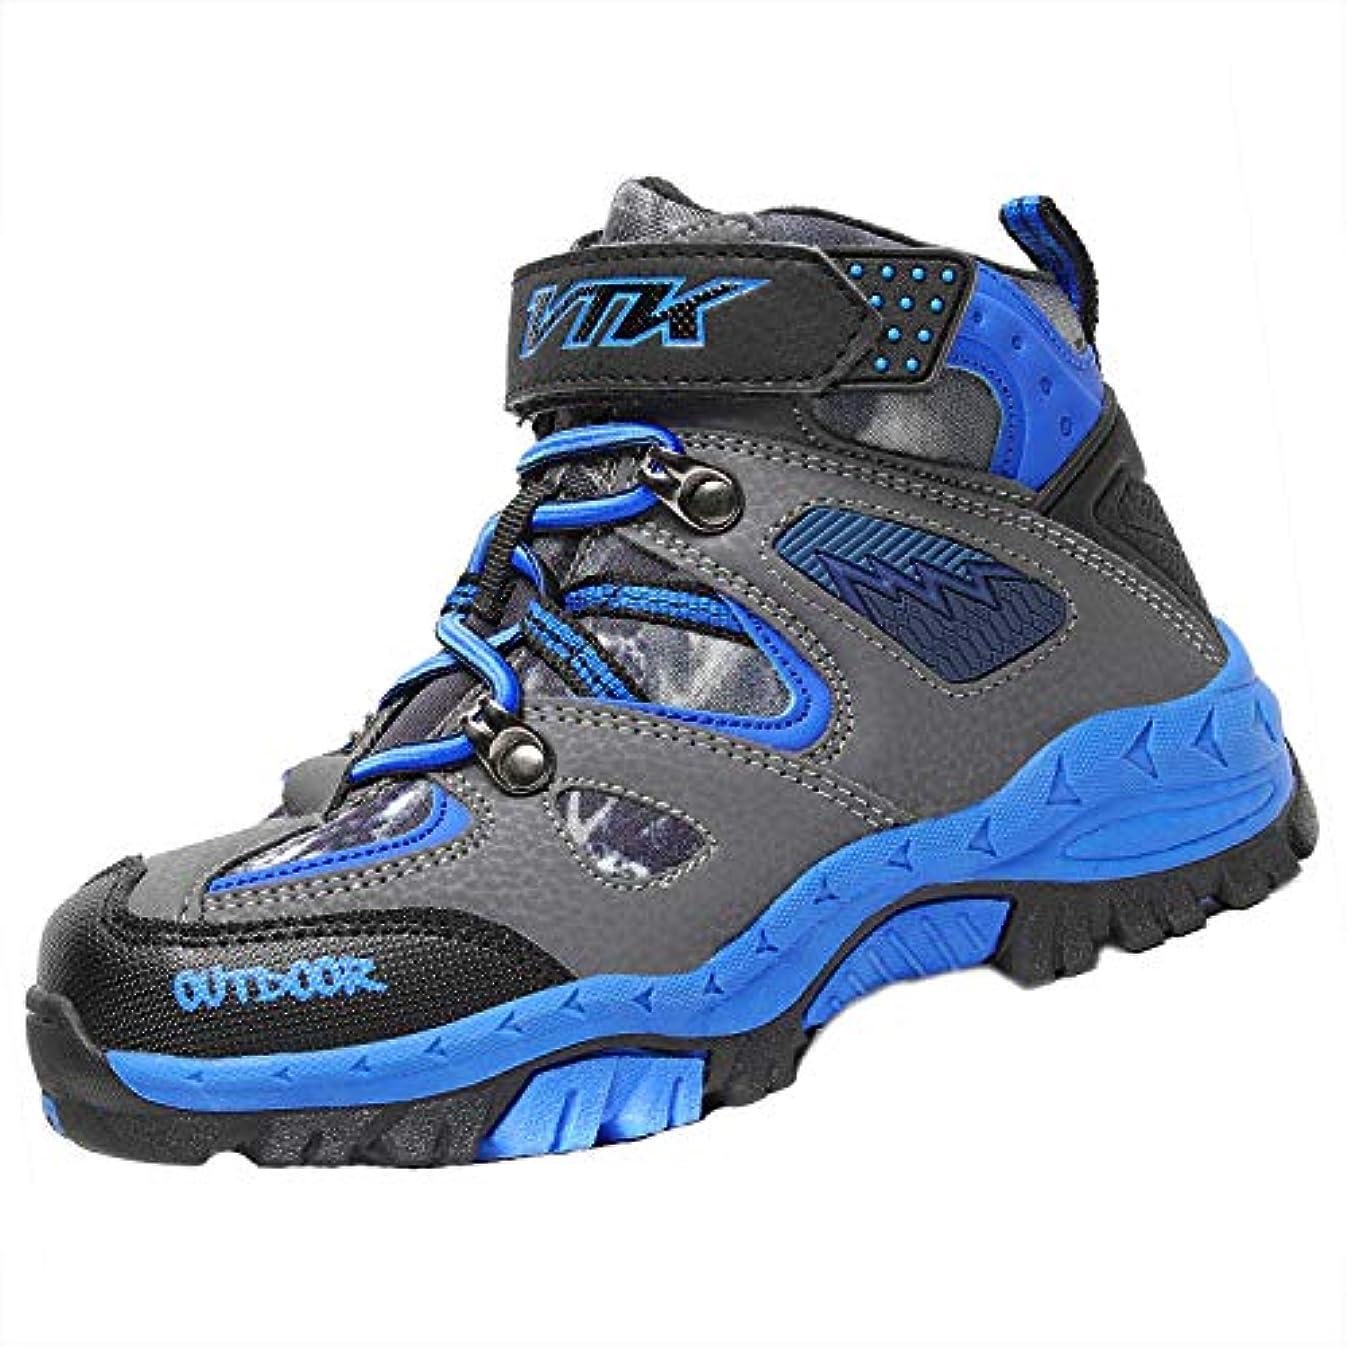 暴君発音する逆説流行の子供靴 暖かく保つ ブーツ キッズ 快適で トレッキングシューズ 滑り止め ジュニアシューズ ASHION 耐久性のある 登山靴 ファッション キッズ 雪靴防水プラットフォーム